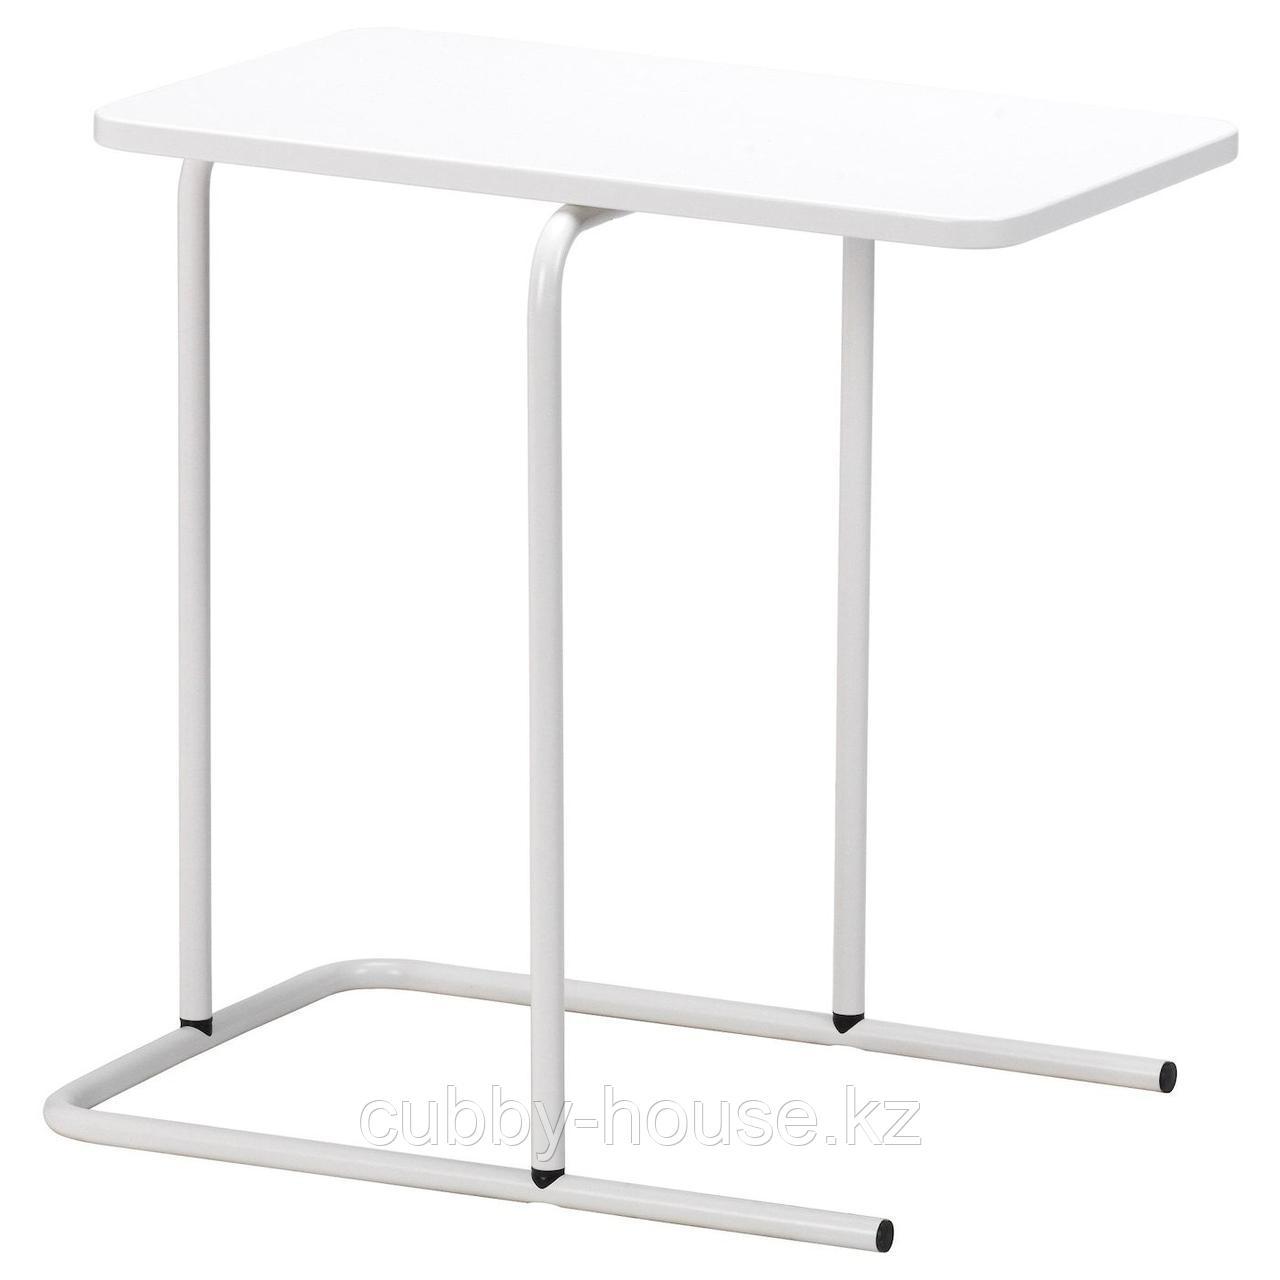 РИАН Придиванный столик, черный, 55x40 см